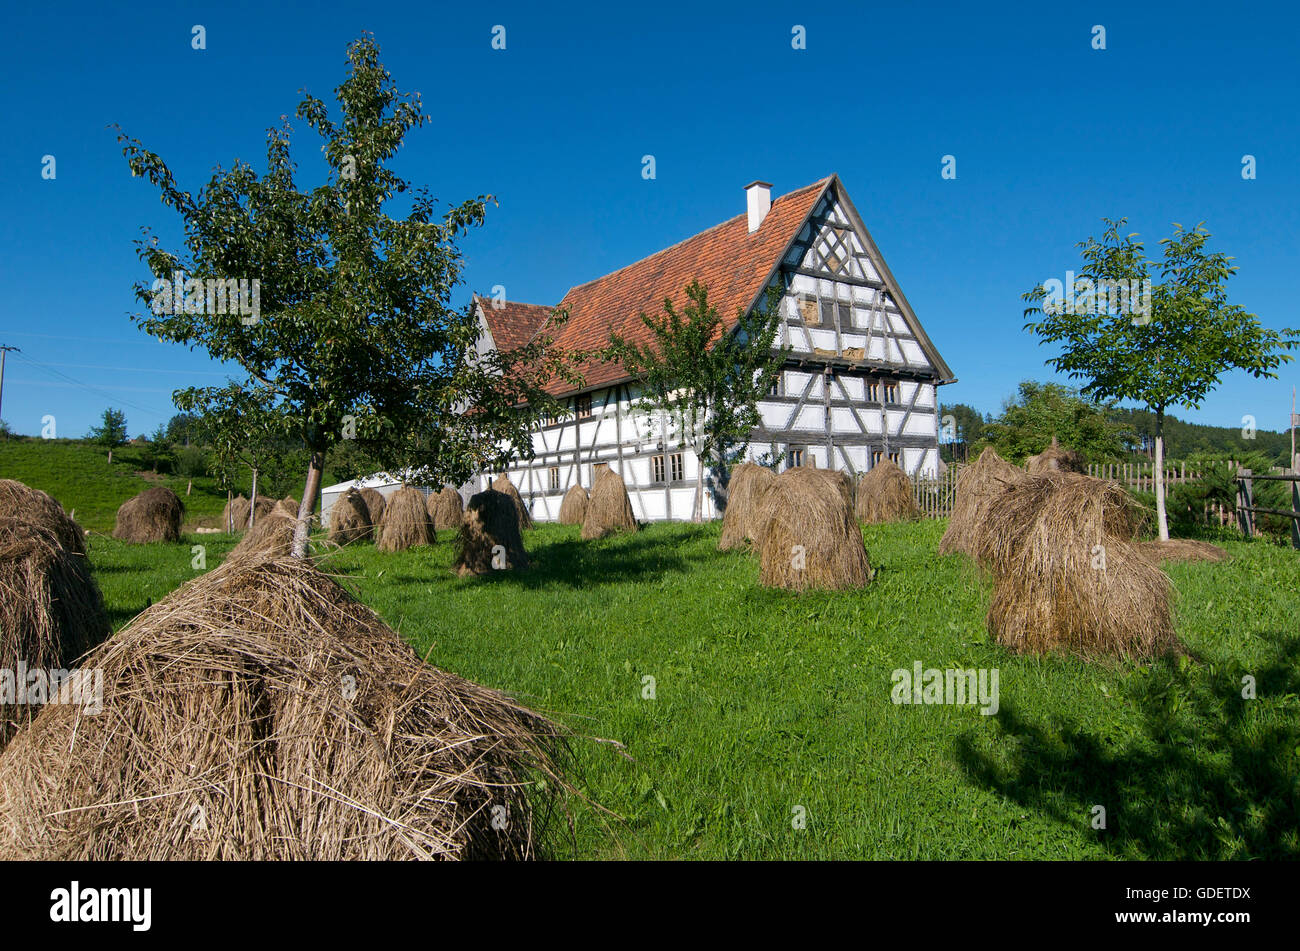 Open Air Museum, Bauernhofmuseum in Illerbeuren, Allgaeu, Bavaria, Germany - Stock Image